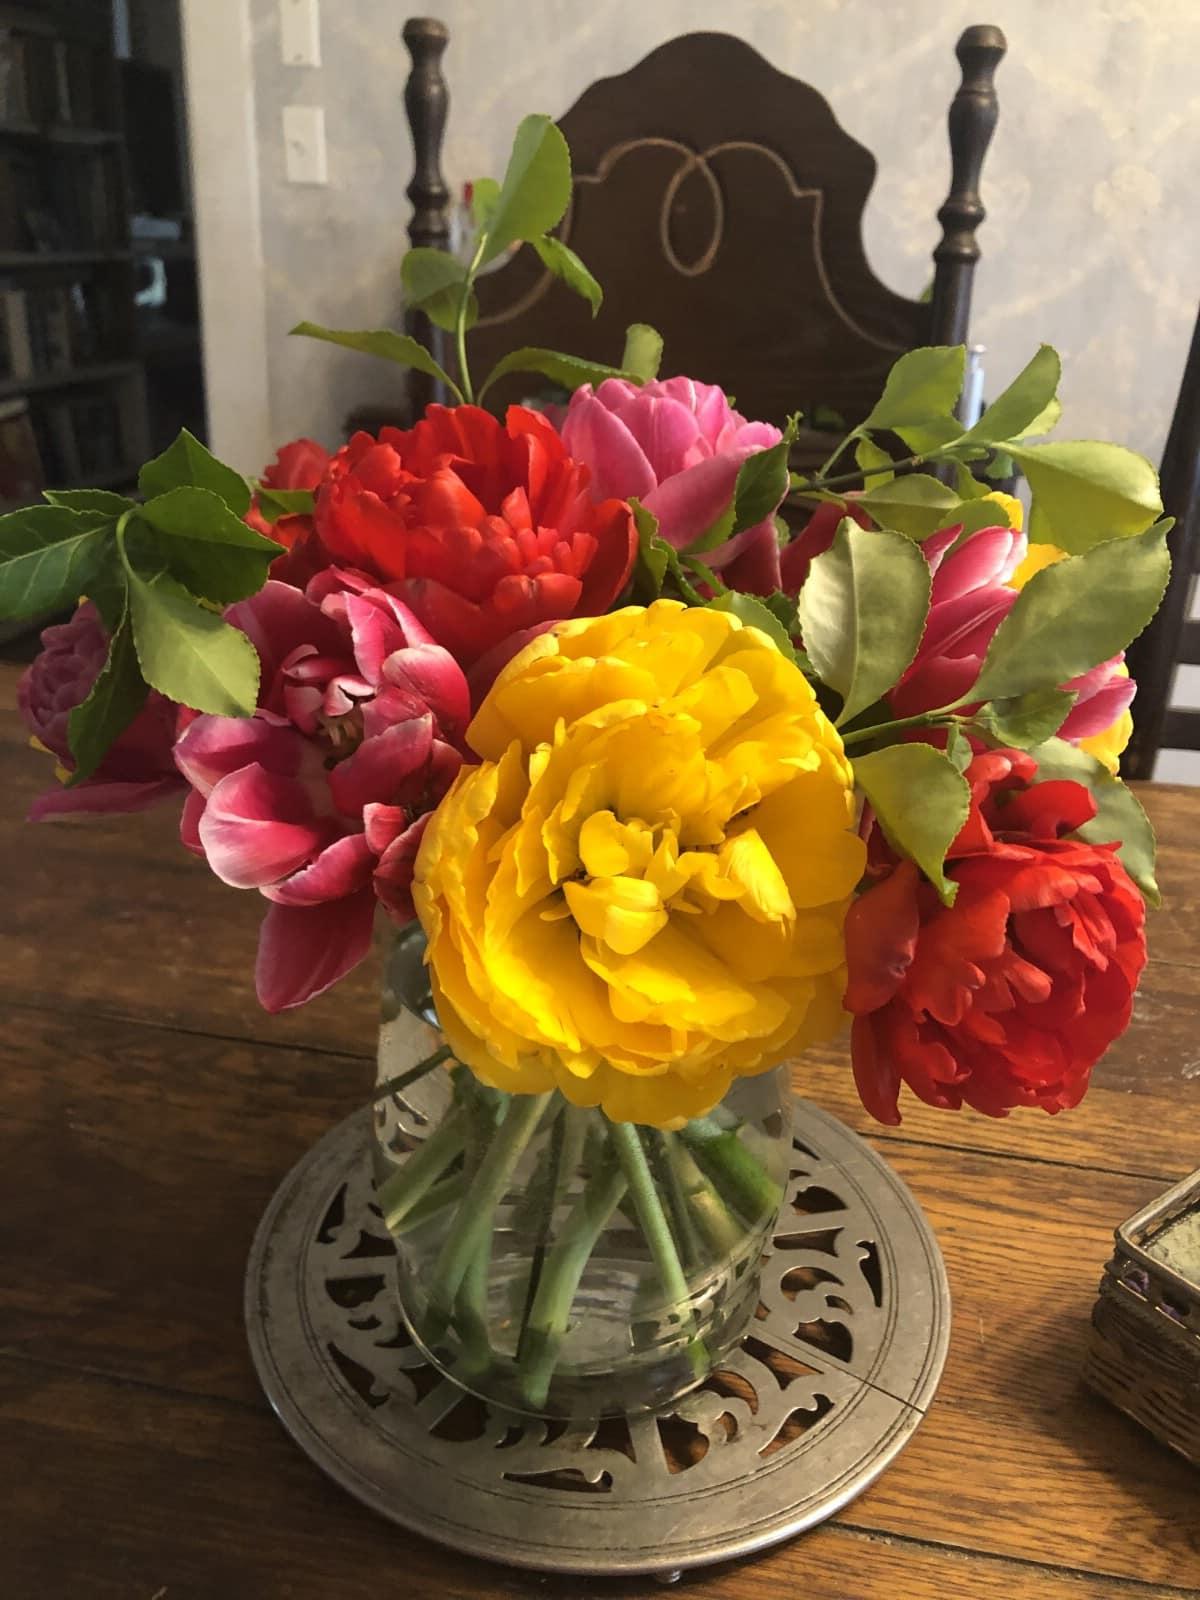 peony tulips in arrangement